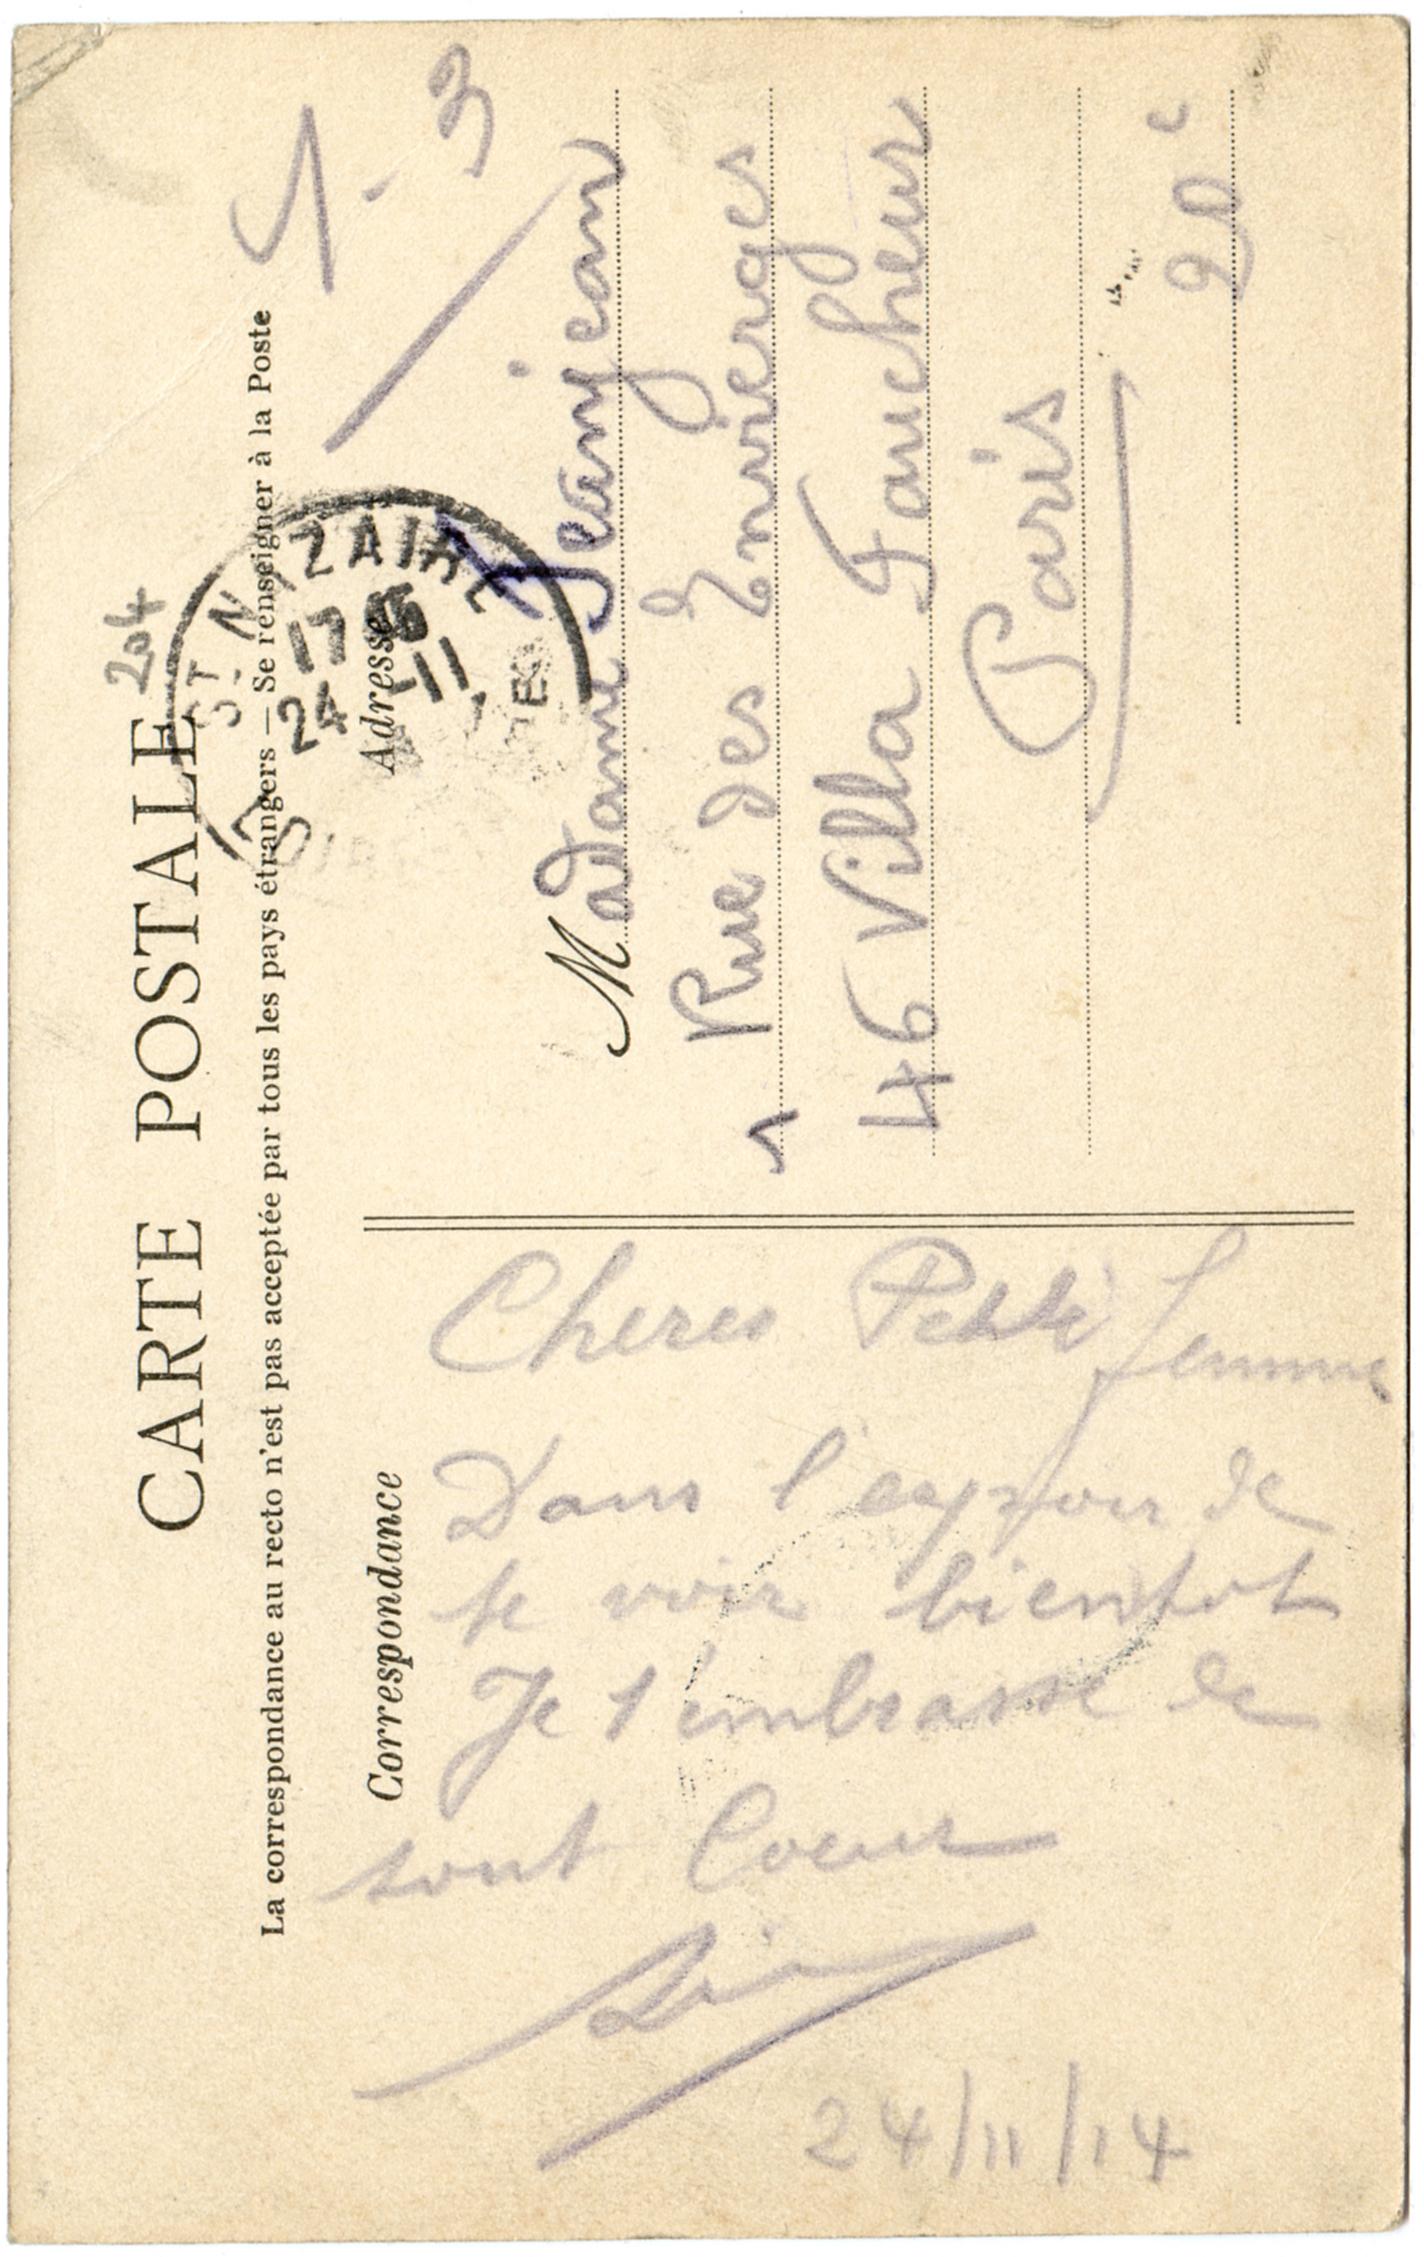 Lettre correspondances prives Modles de lettres